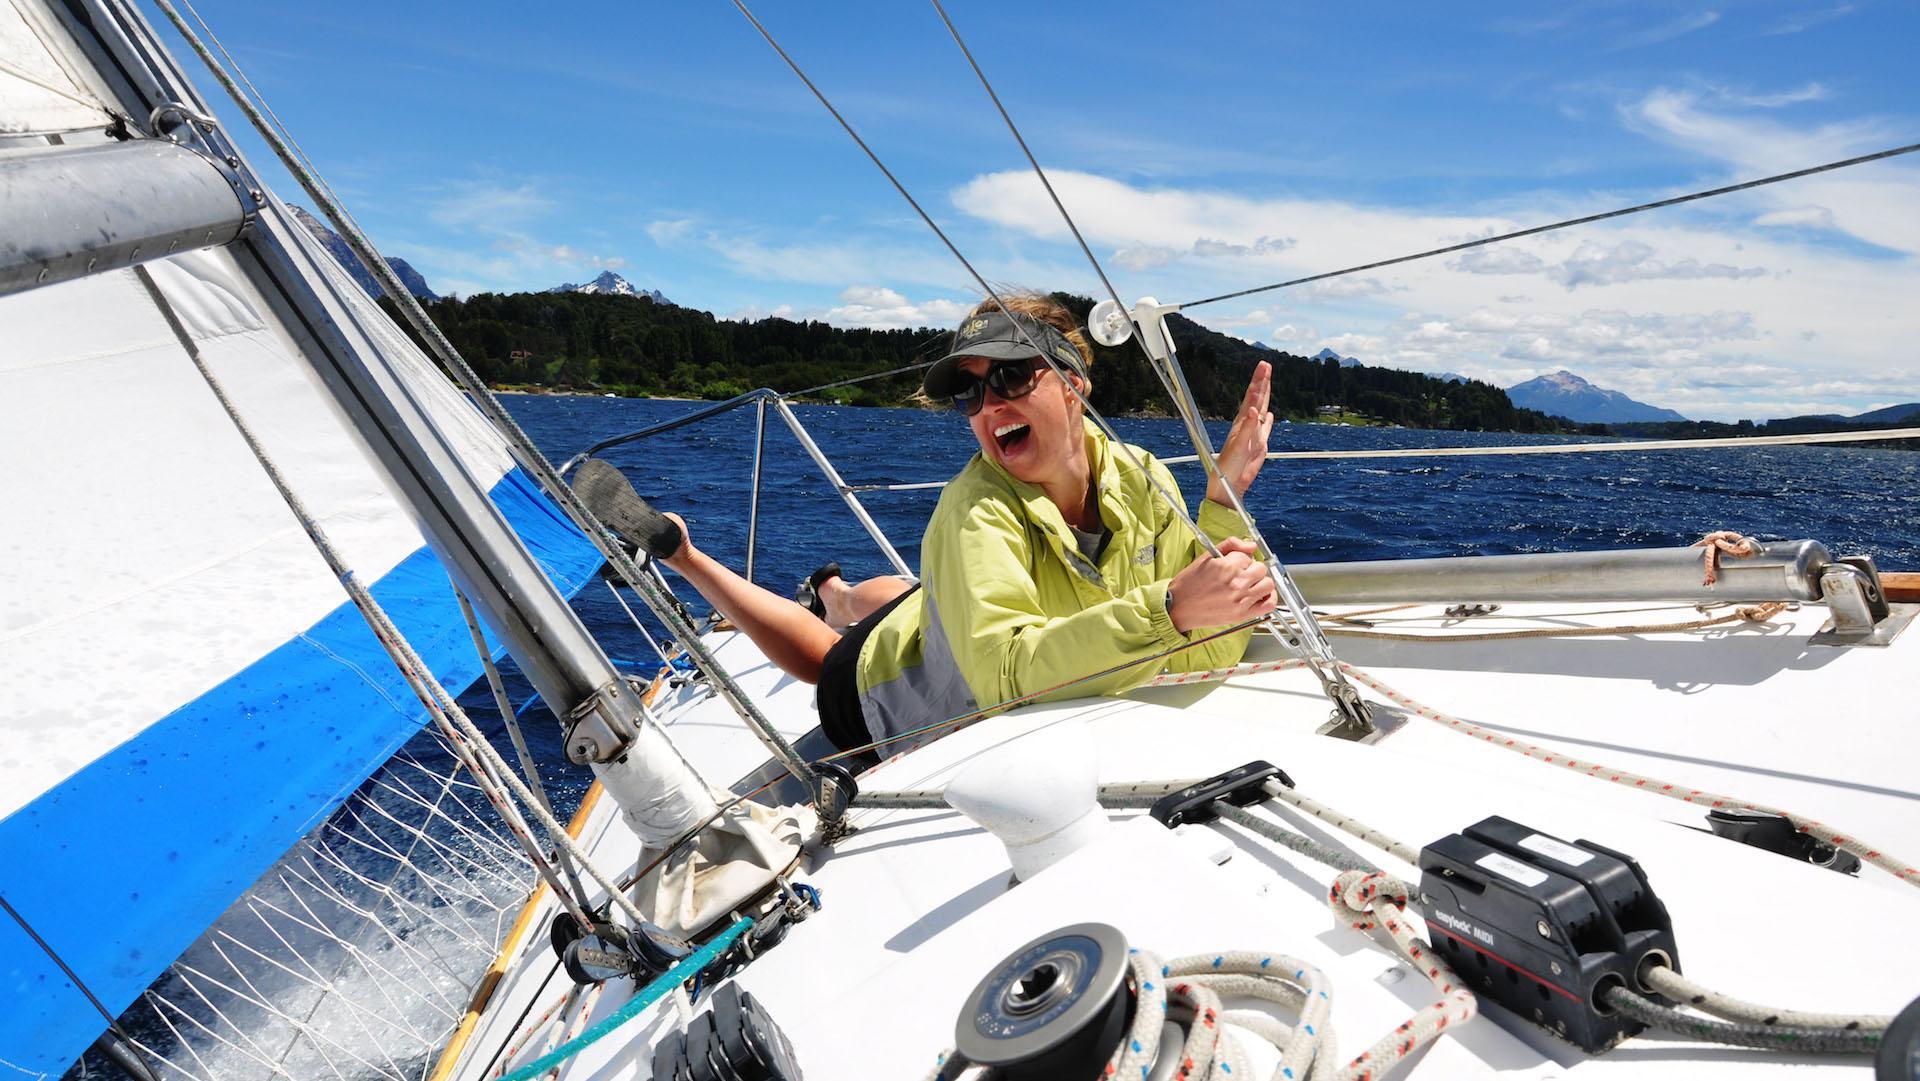 Turismo en Bariloche: navegar en velero por el lago Nahuel Huapi